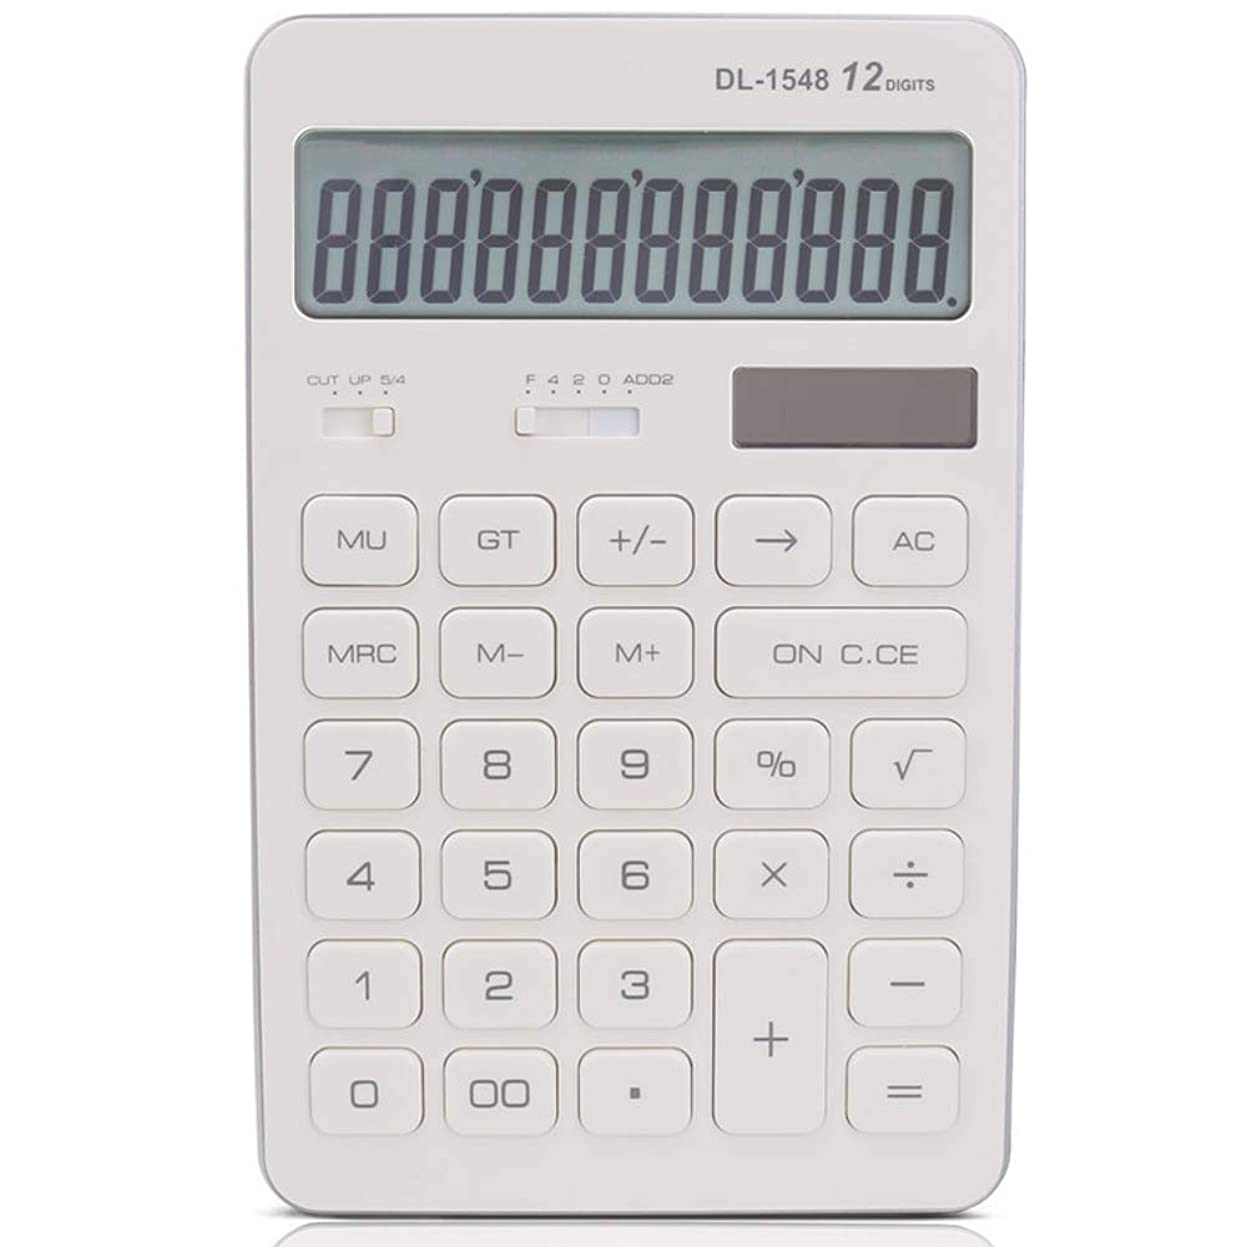 砂漠ジョージハンブリールービジネス電卓, 太陽の電卓のビジネスオフィスかわいい電卓 実務電卓 (色 : 白)